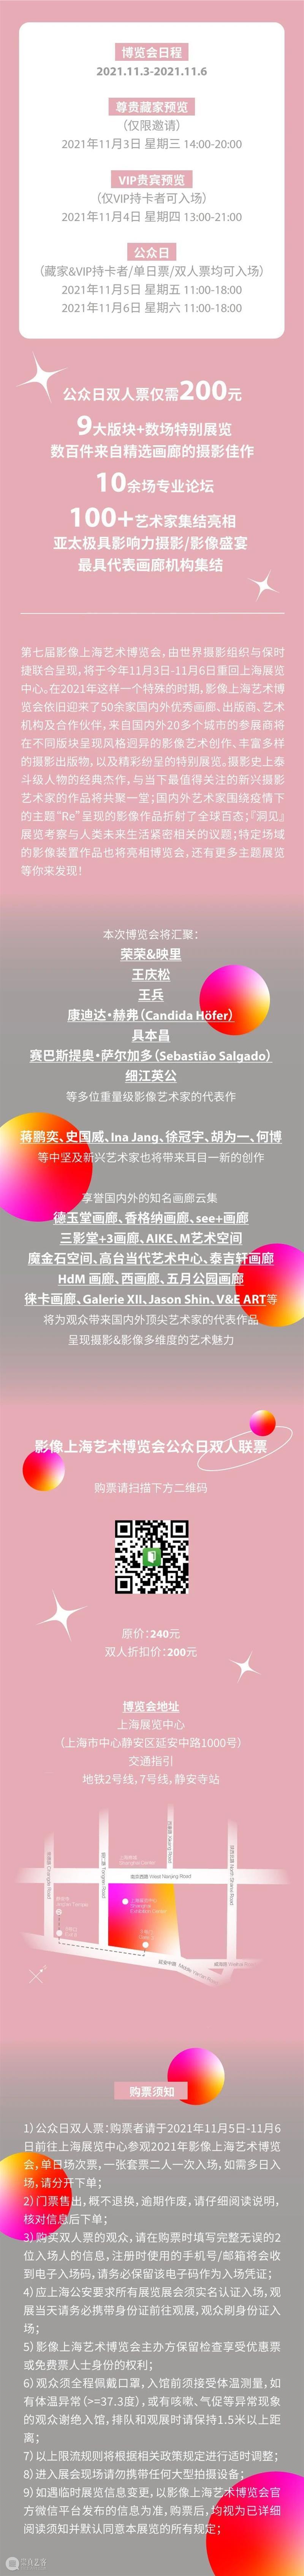 2021影像上海艺术博览会双人票火爆进行中 影像 上海艺术博览会 双人 原文 上海艺术博览会双人票 崇真艺客